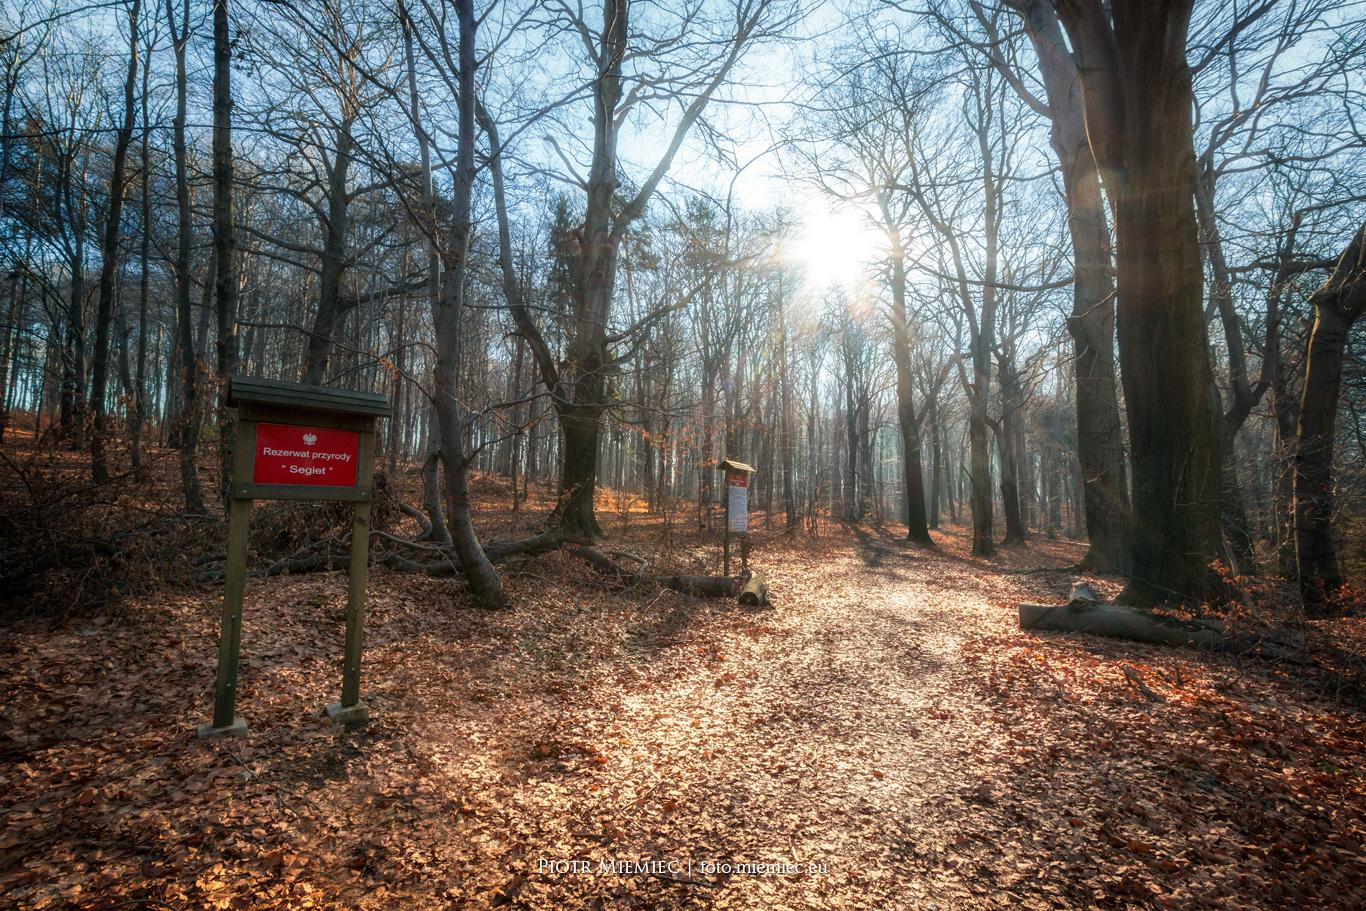 Rezerwat buków Segiet w Bytomiu